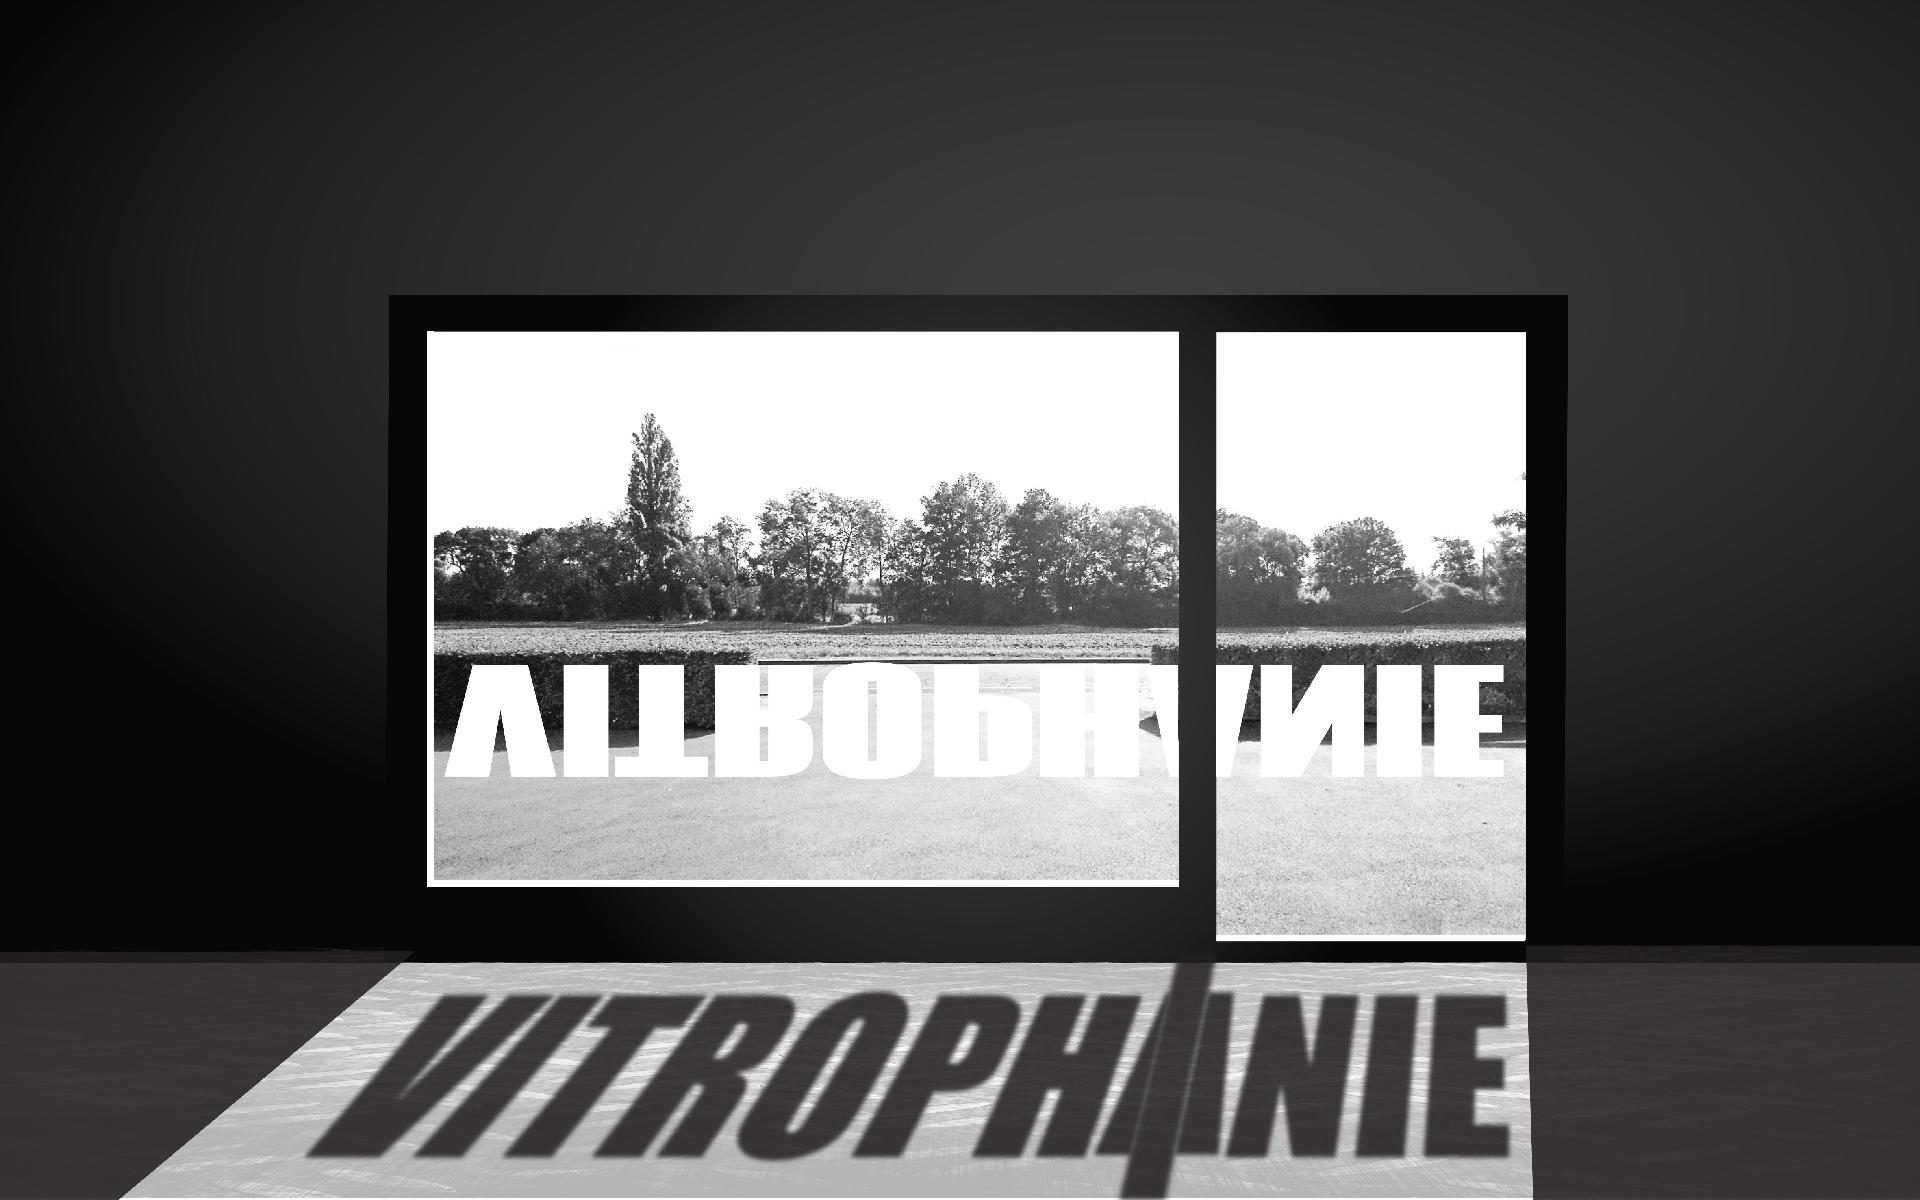 """Photomontage : projection au sol de l'ombre du mot """"Vitrophanie"""" collé sur une vitre ensoleillée"""